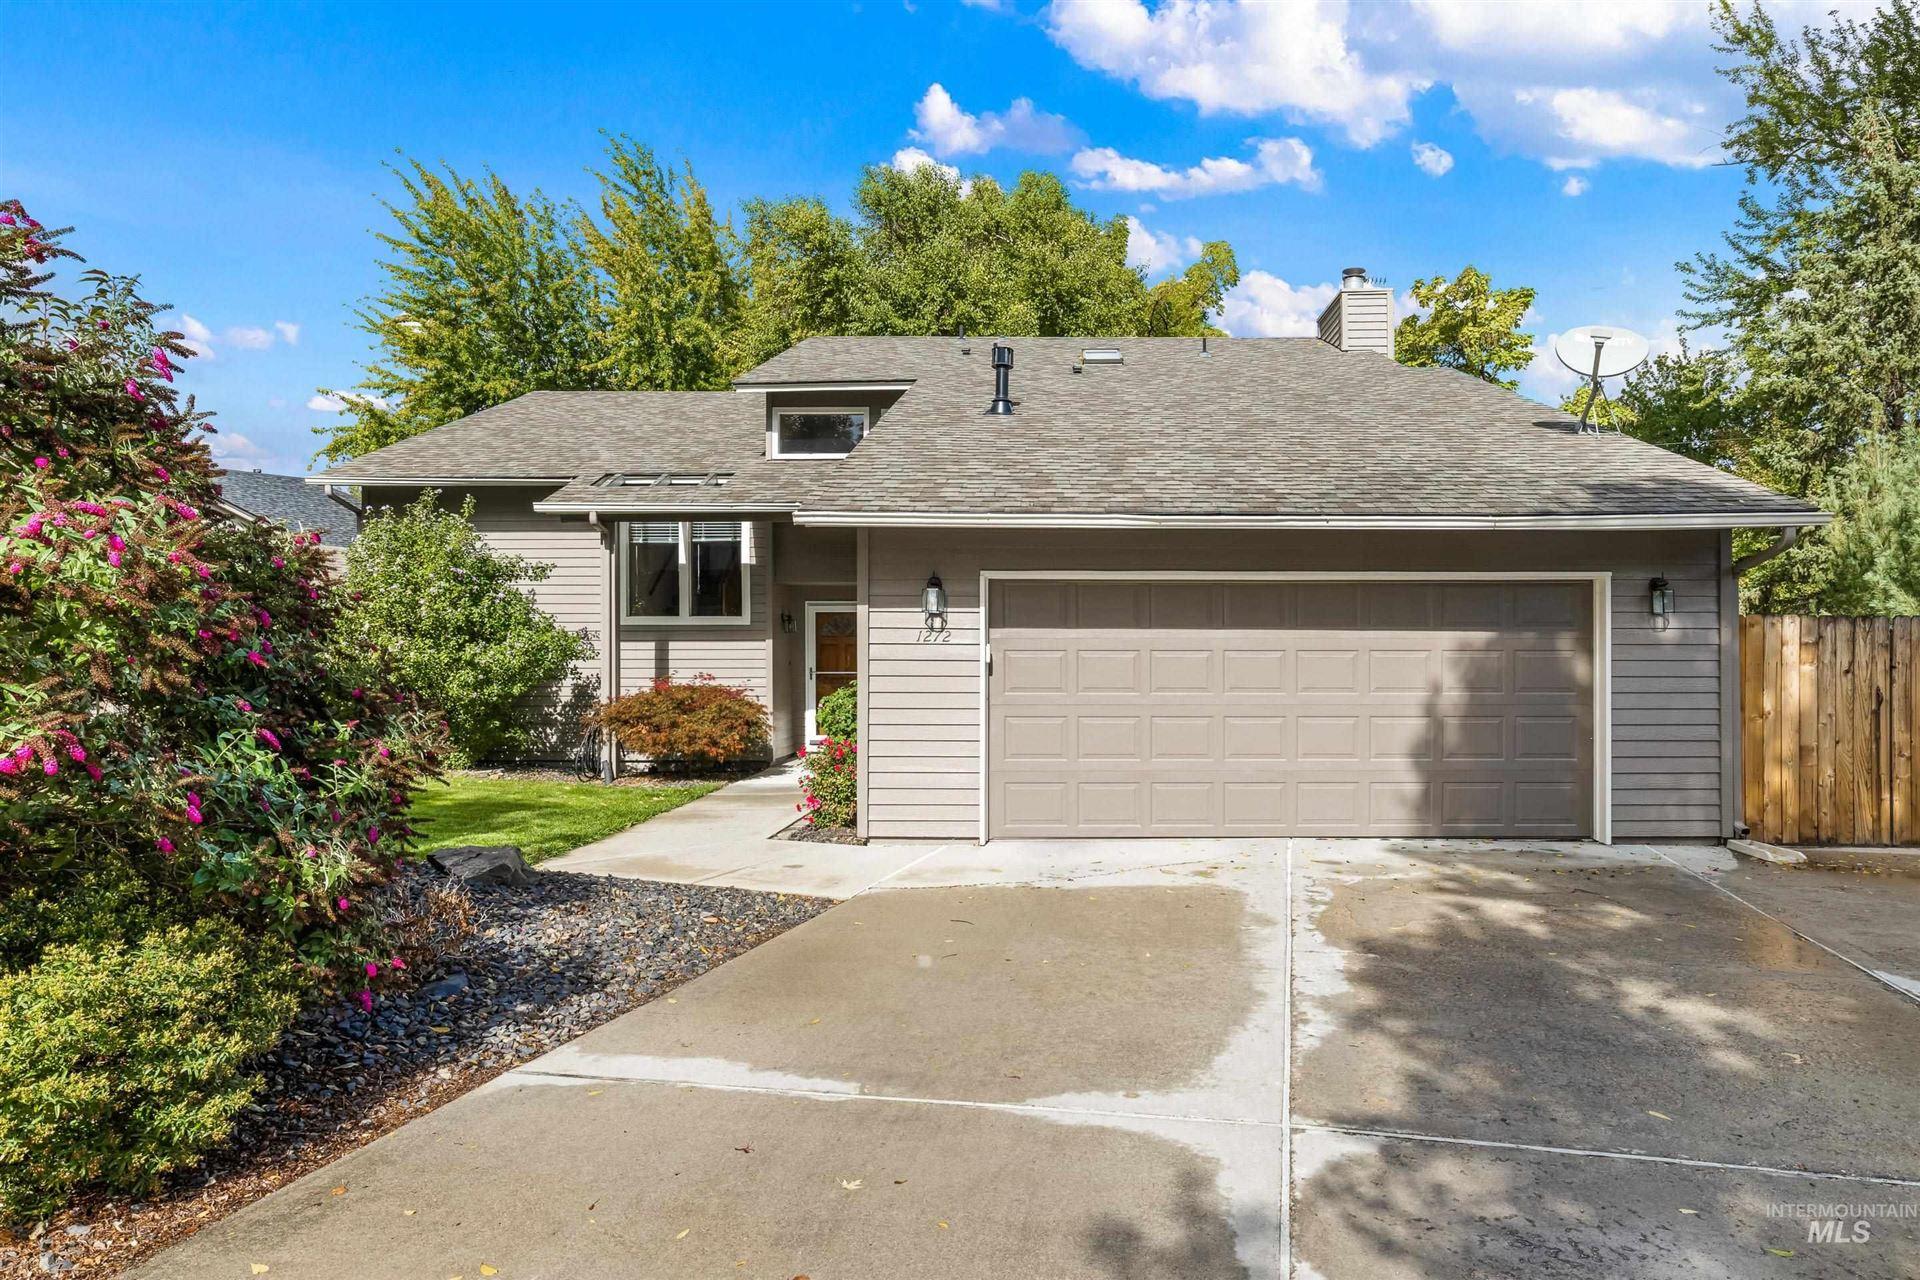 1272 E Fall Ct, Boise, ID 83706 - MLS#: 98820711